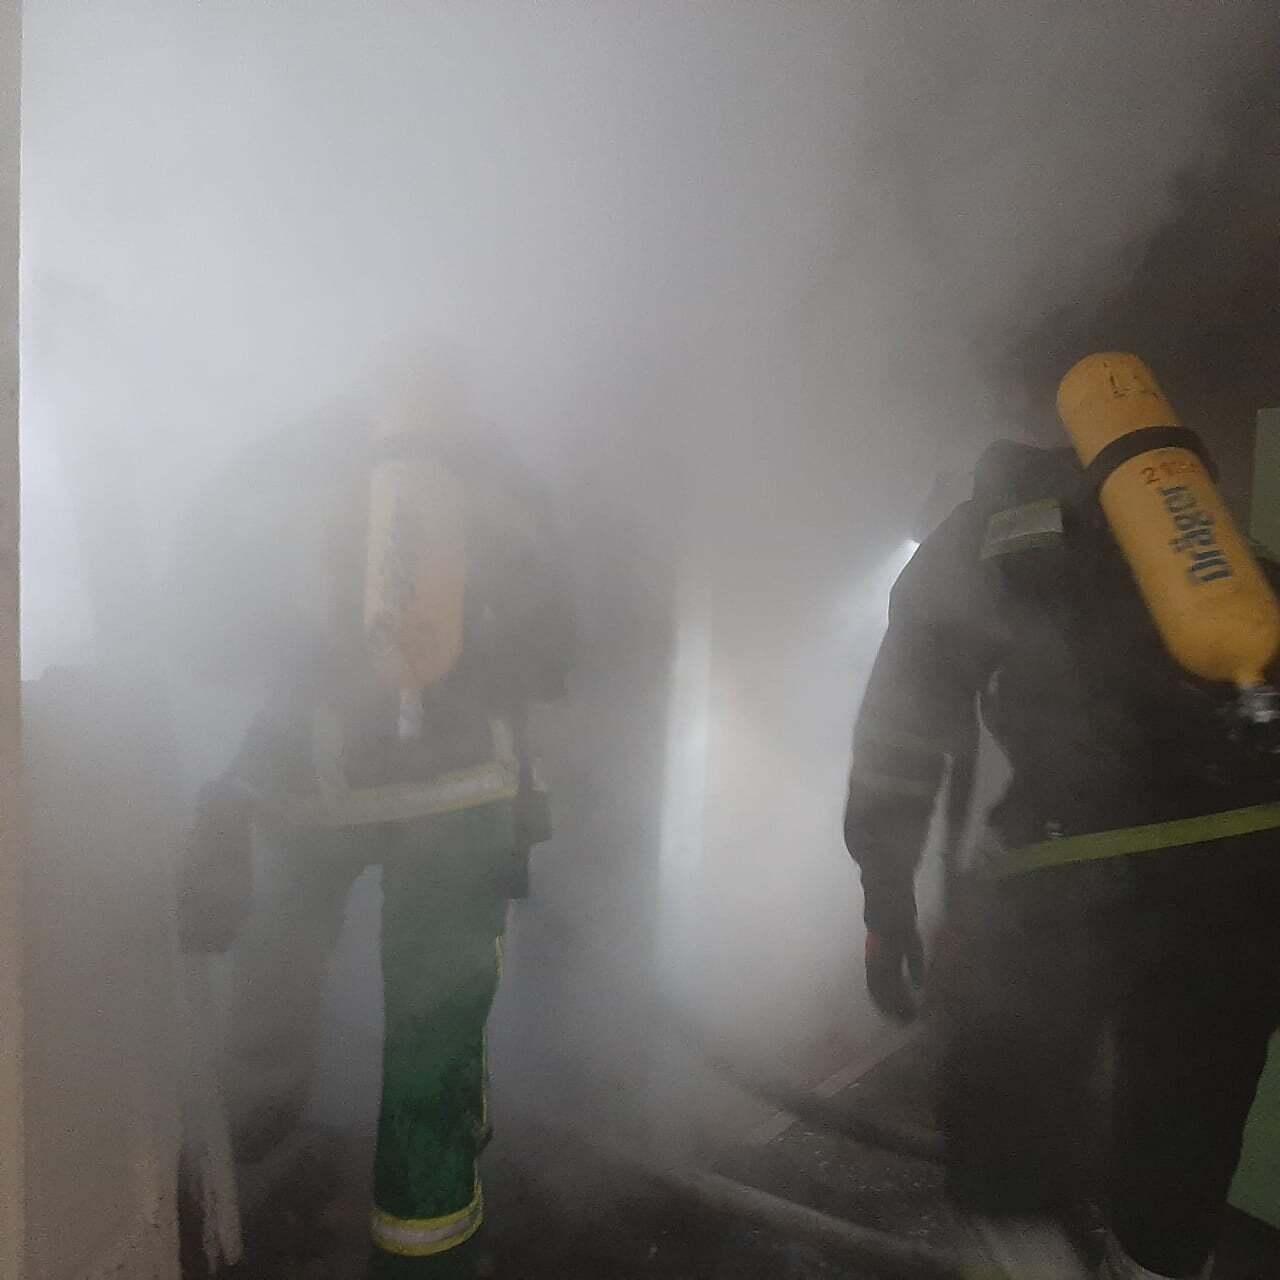 На Прикарпатье загорелась больница, эвакуировали почти 40 человек. Фото